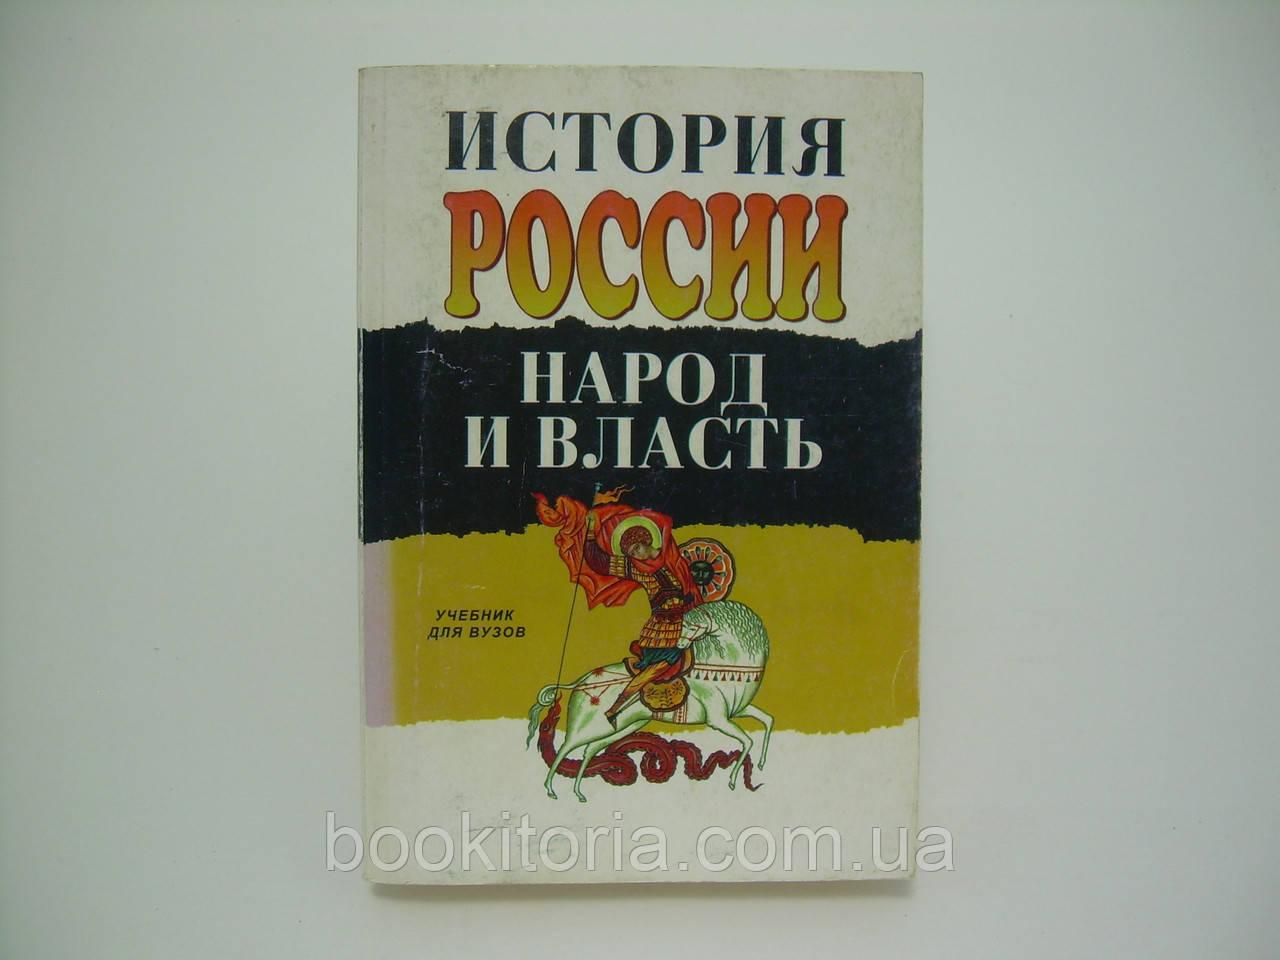 История России. Народ и власть (б/у).